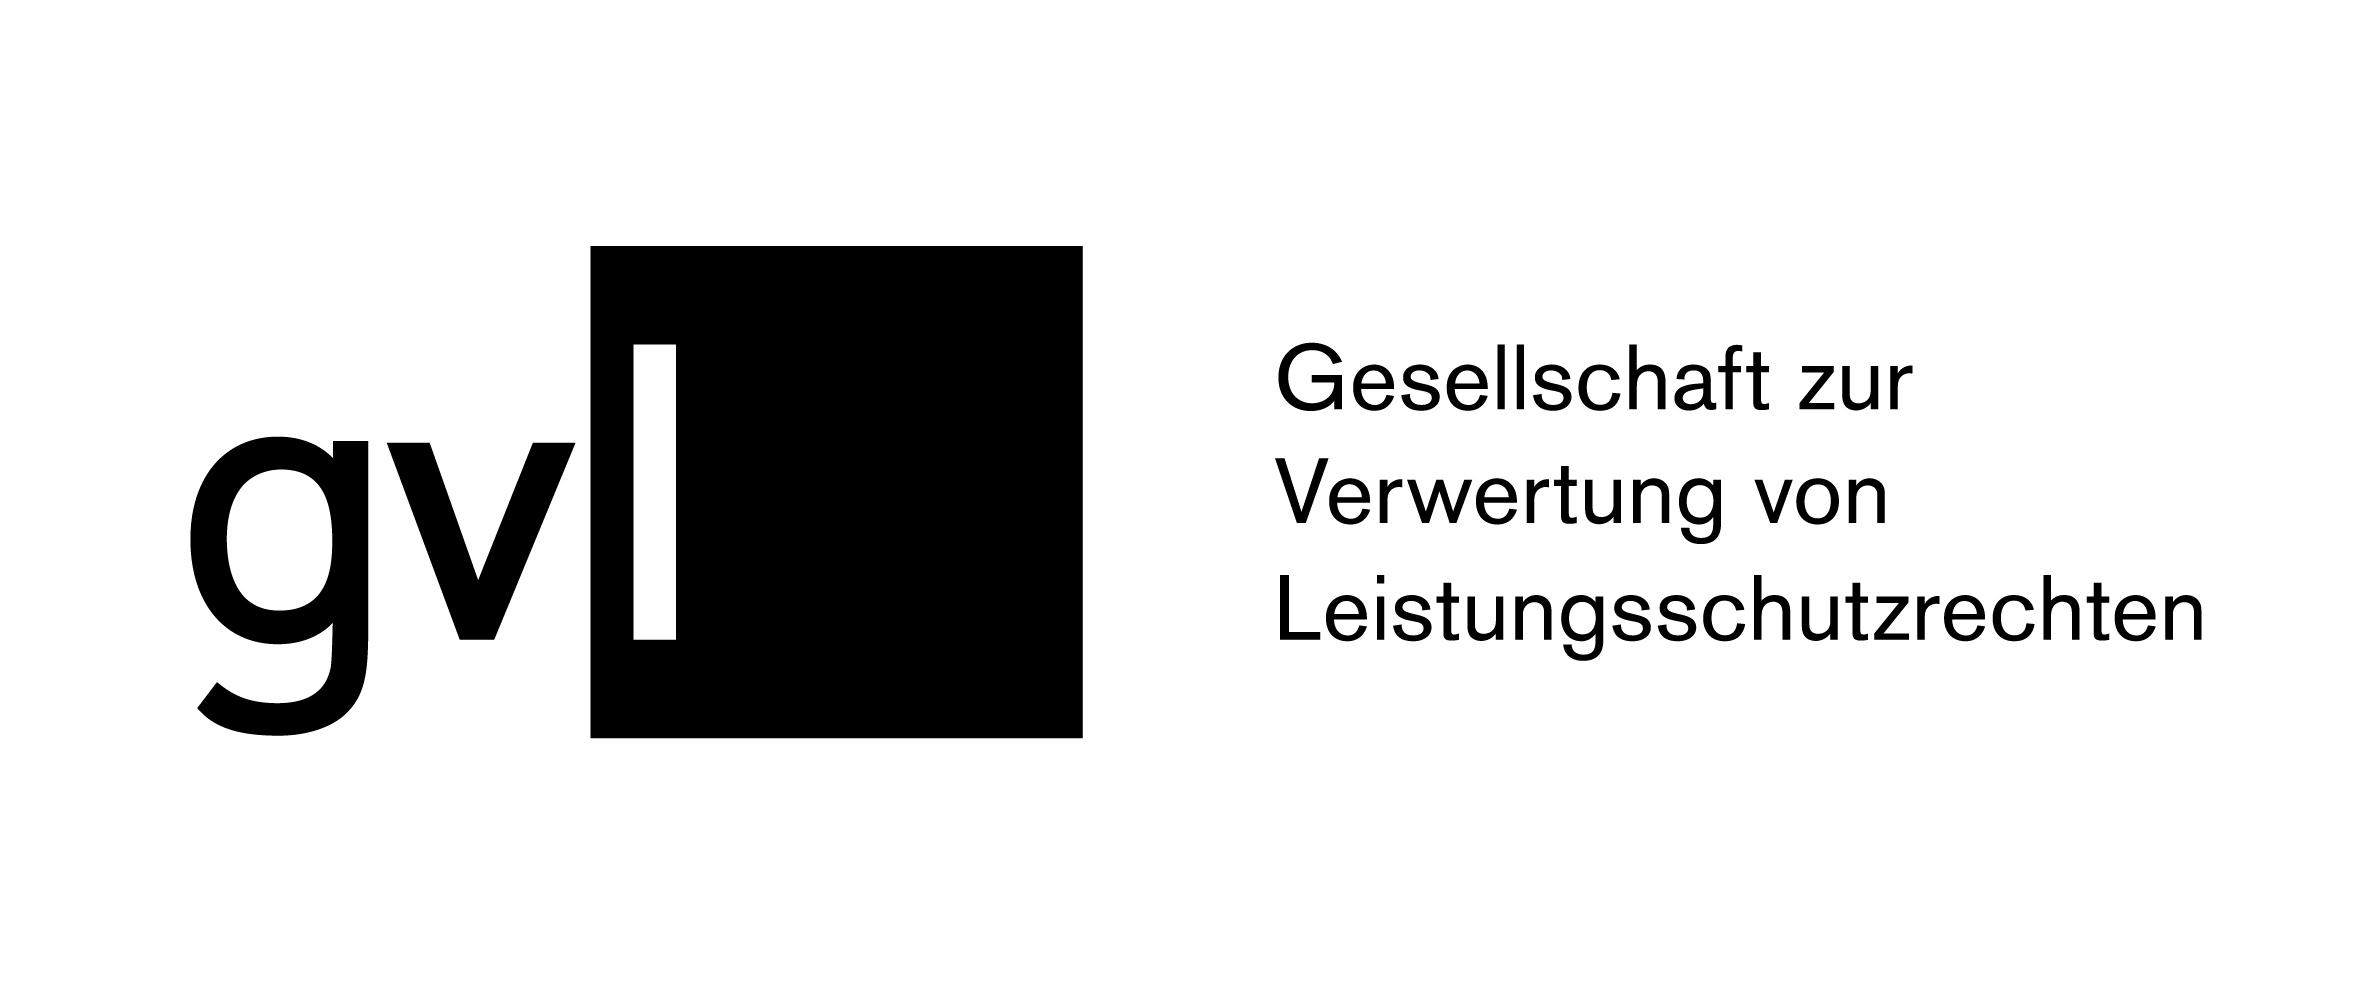 GVL (Gesellschaft zur Verwertung von Leistungsschutzrechten)